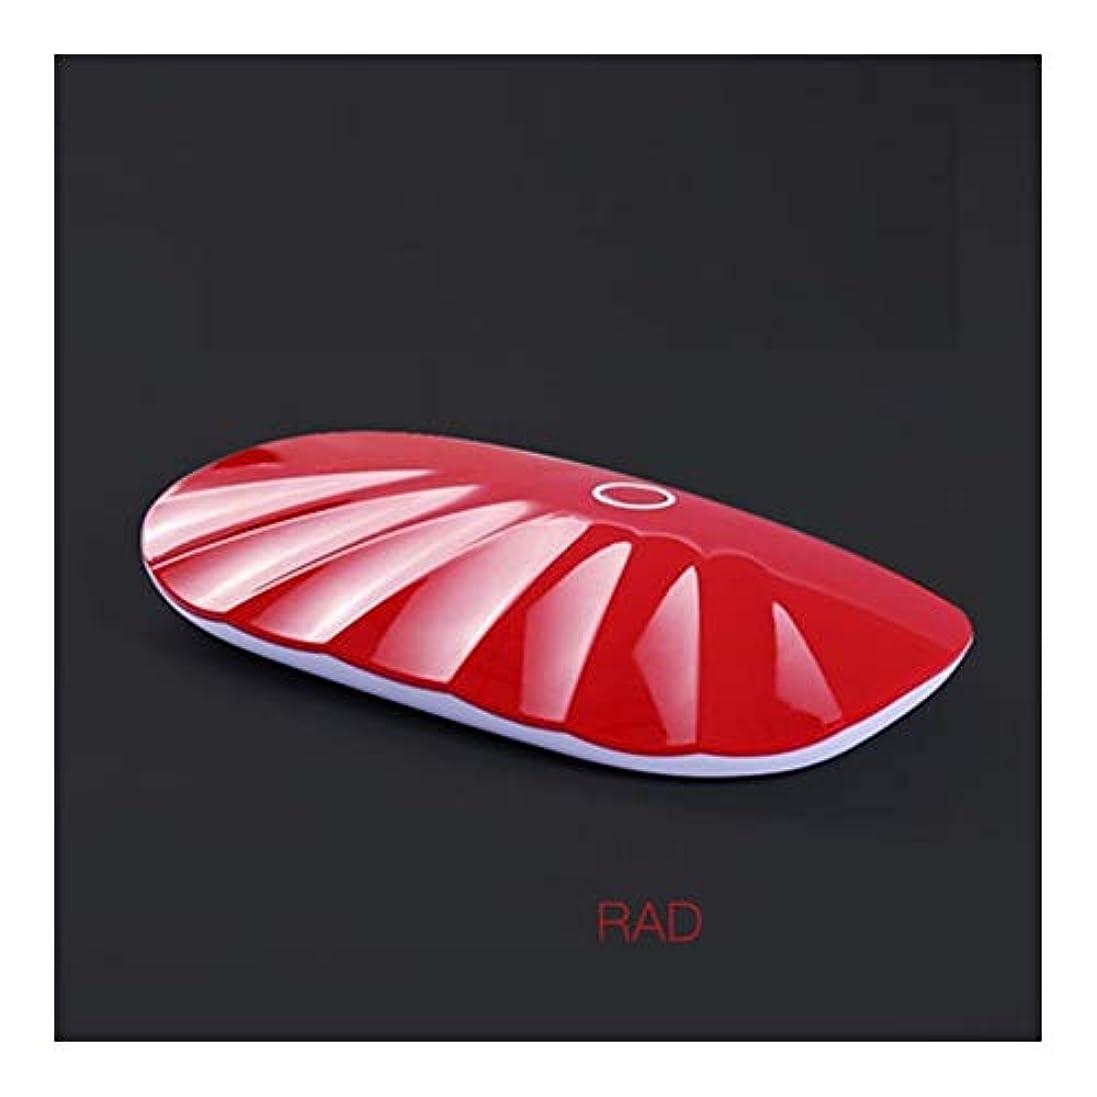 フェミニンもっとベックスLittleCat ミニポータブルLEDライトセラピー機ドライヤーネイルネイルUSBランプ照明ベーキングゴムトリートメント (色 : 赤)